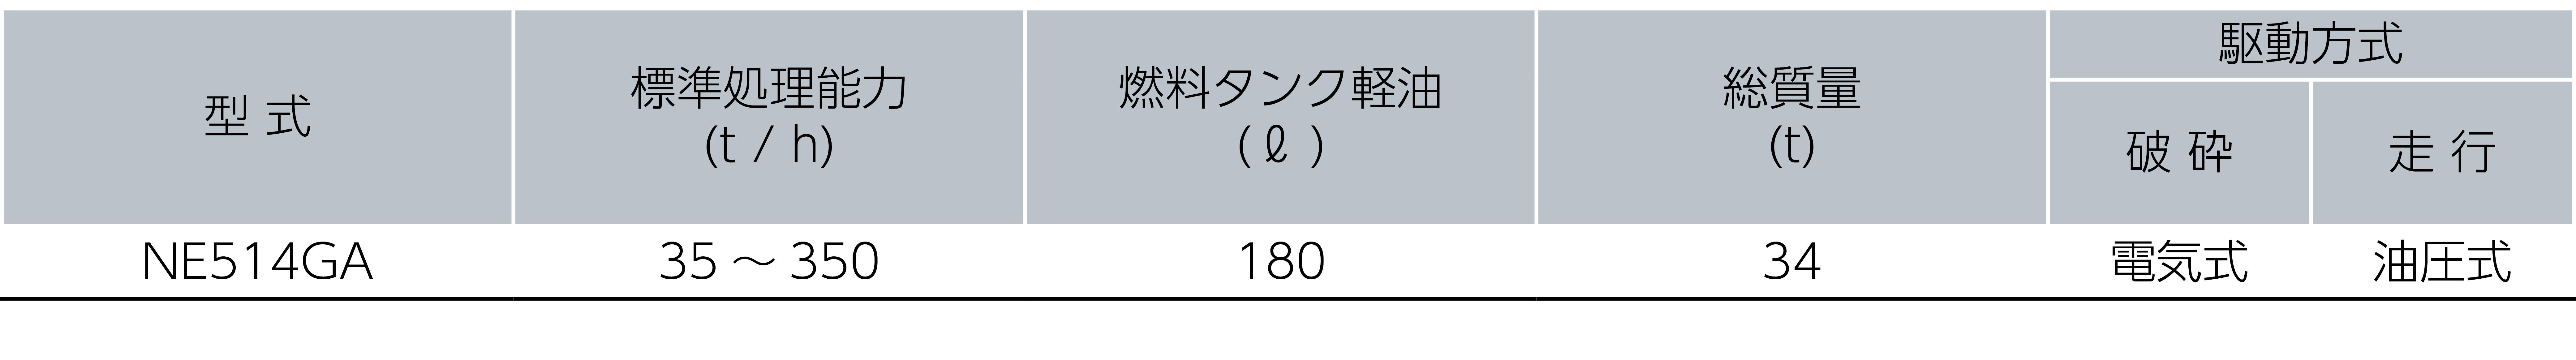 スクリーン仕様表